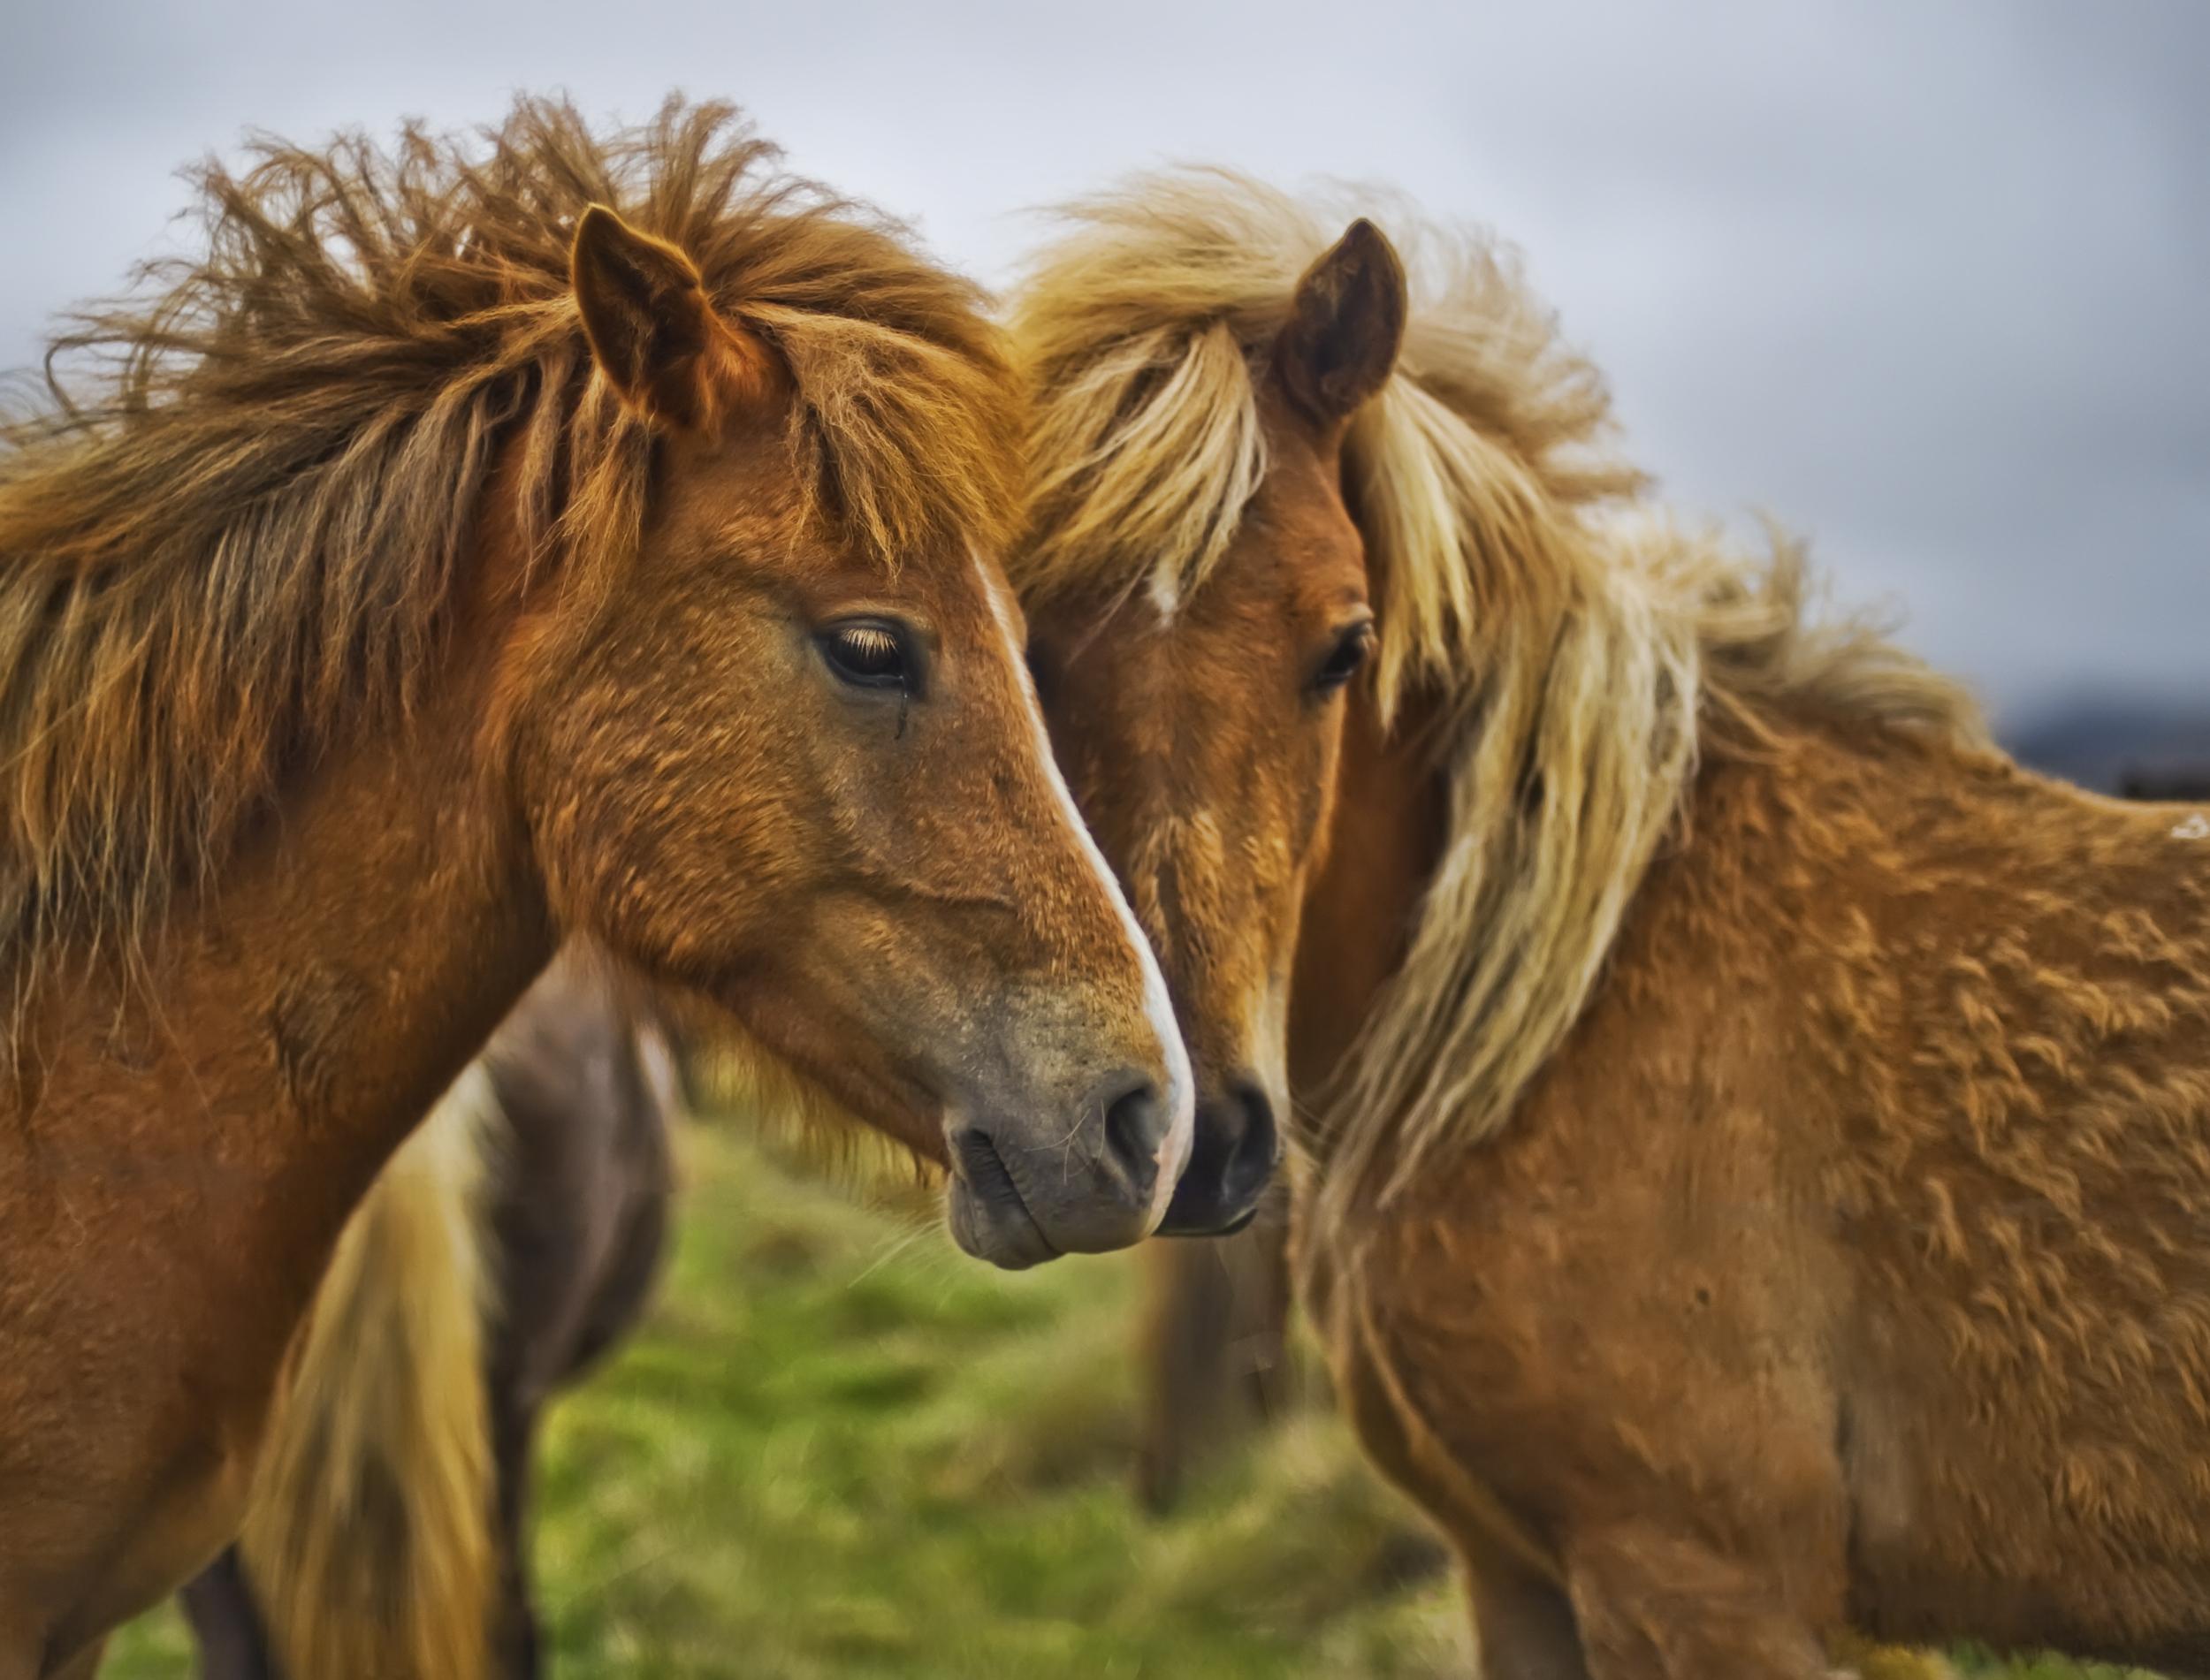 лошадь с гривой  № 3127175 загрузить